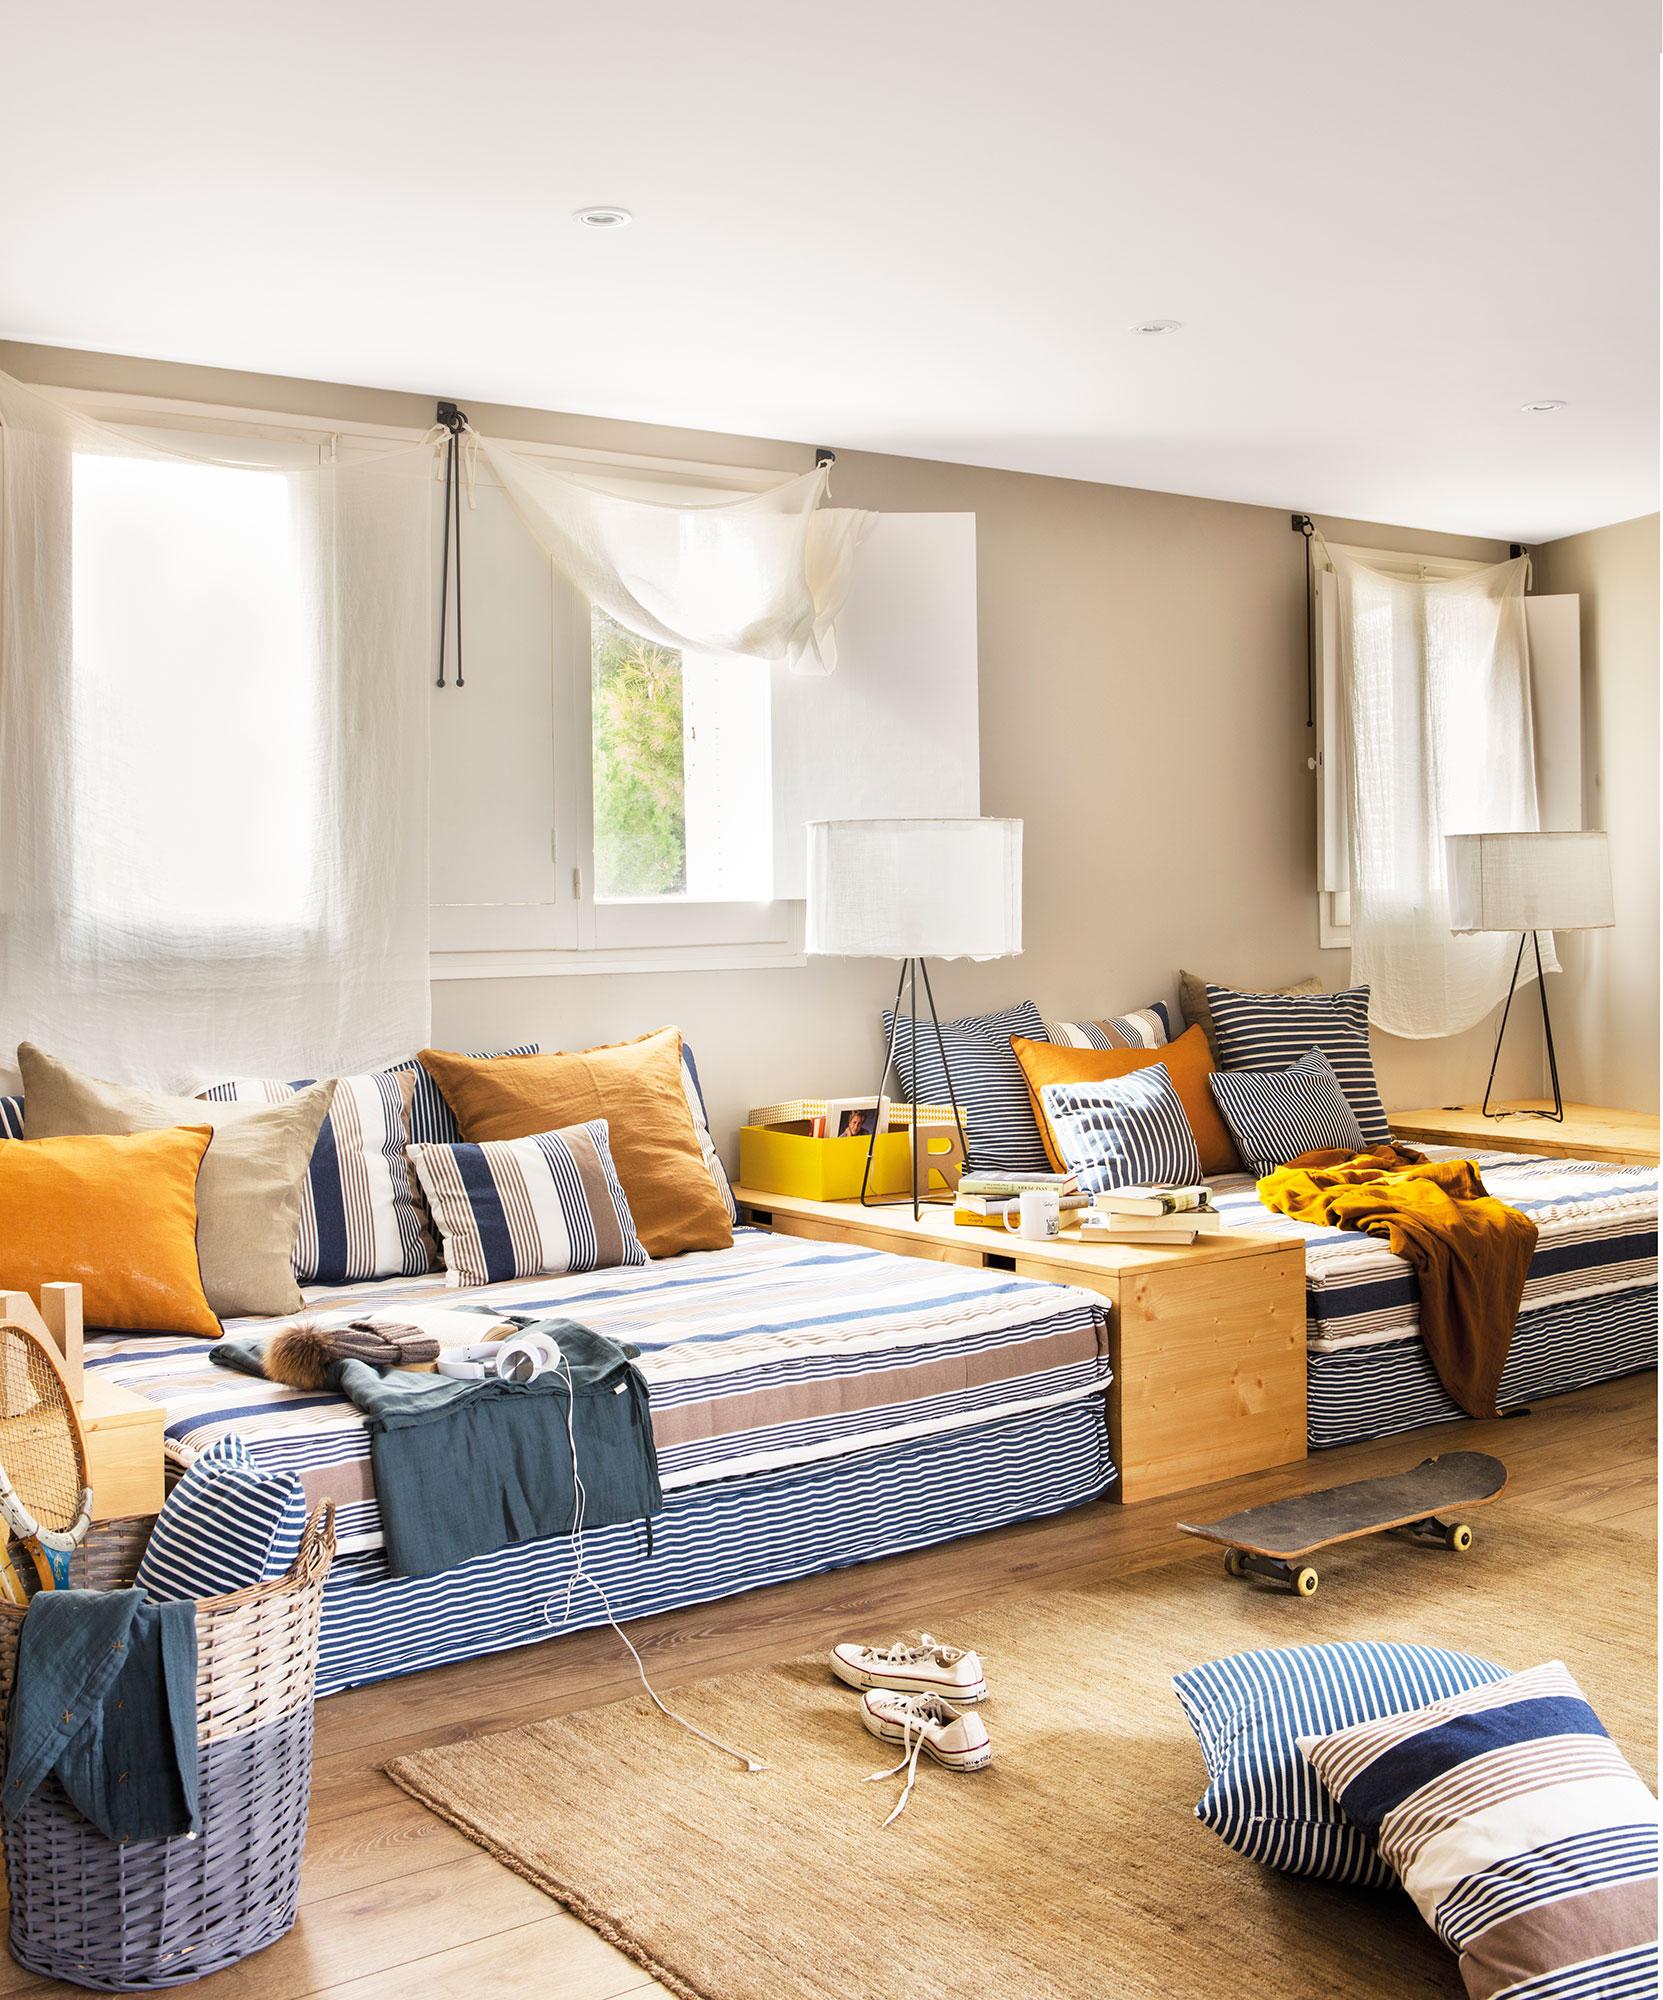 Claves para decorar la habitaci n de los ni os de beb a - Habitaciones juveniles 2 camas ...